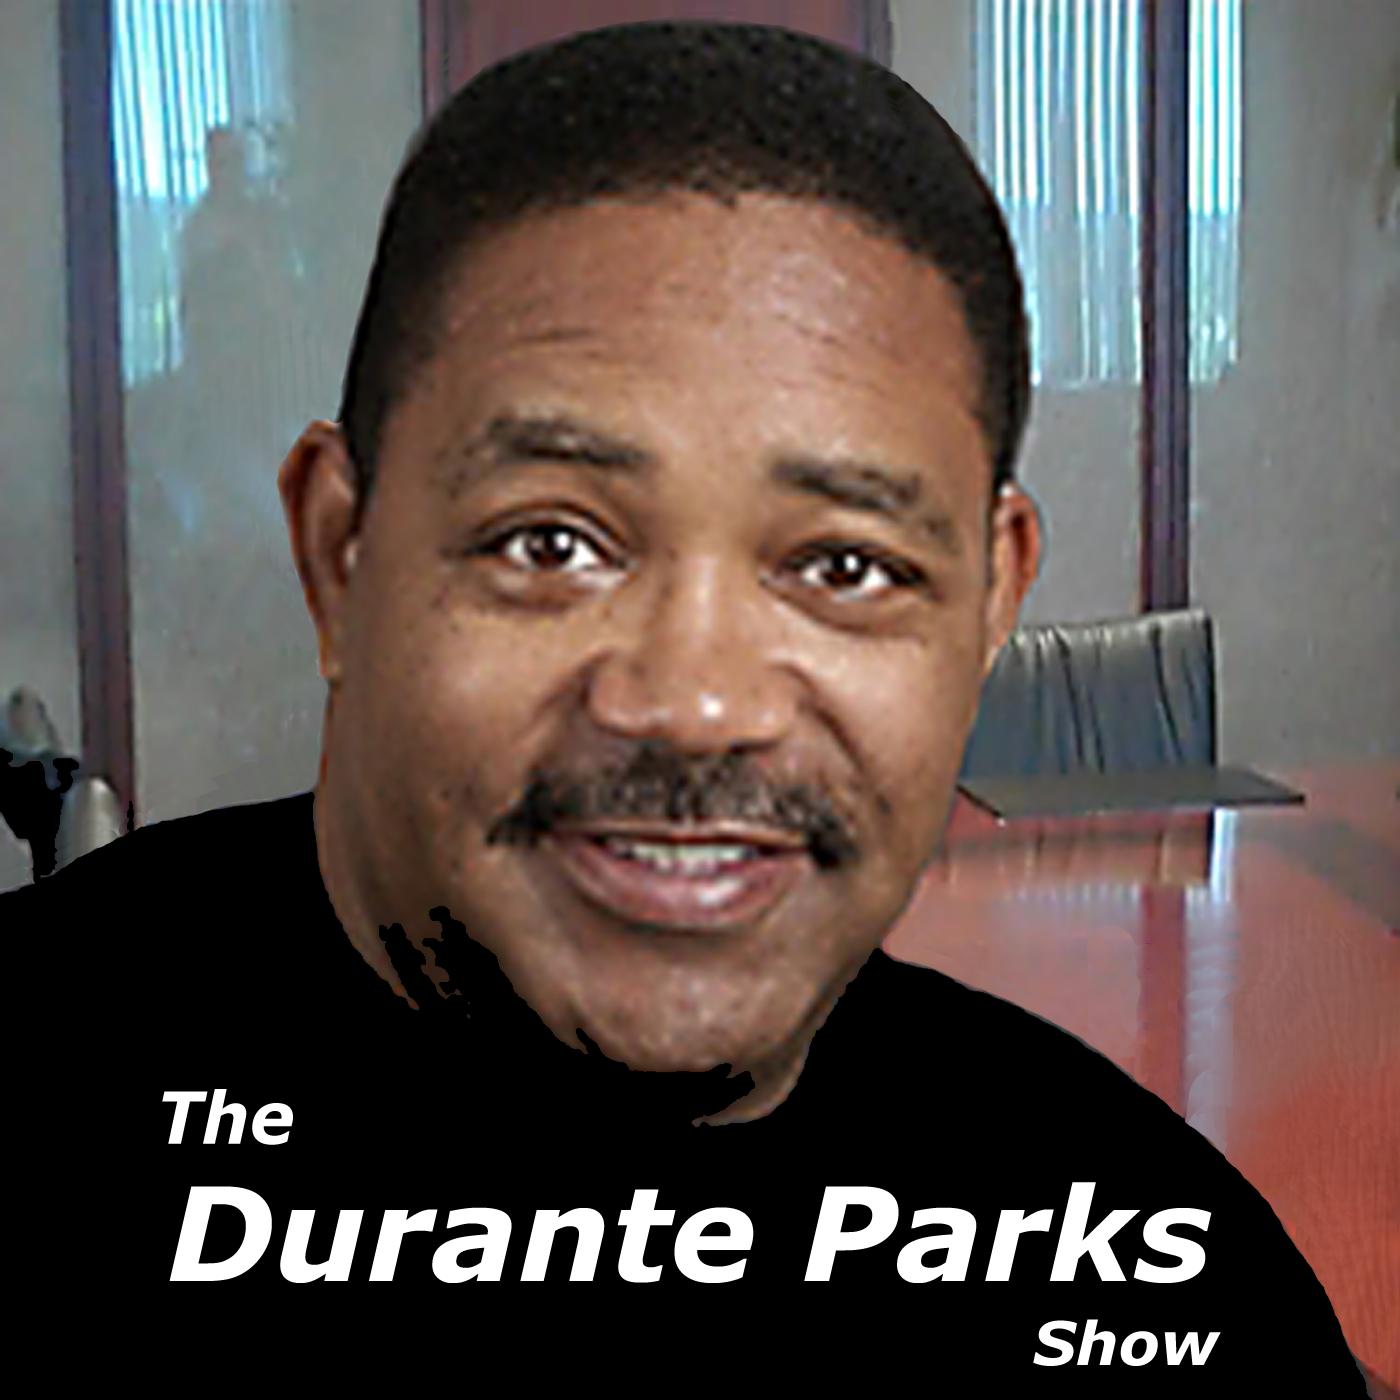 Durante Parks Show